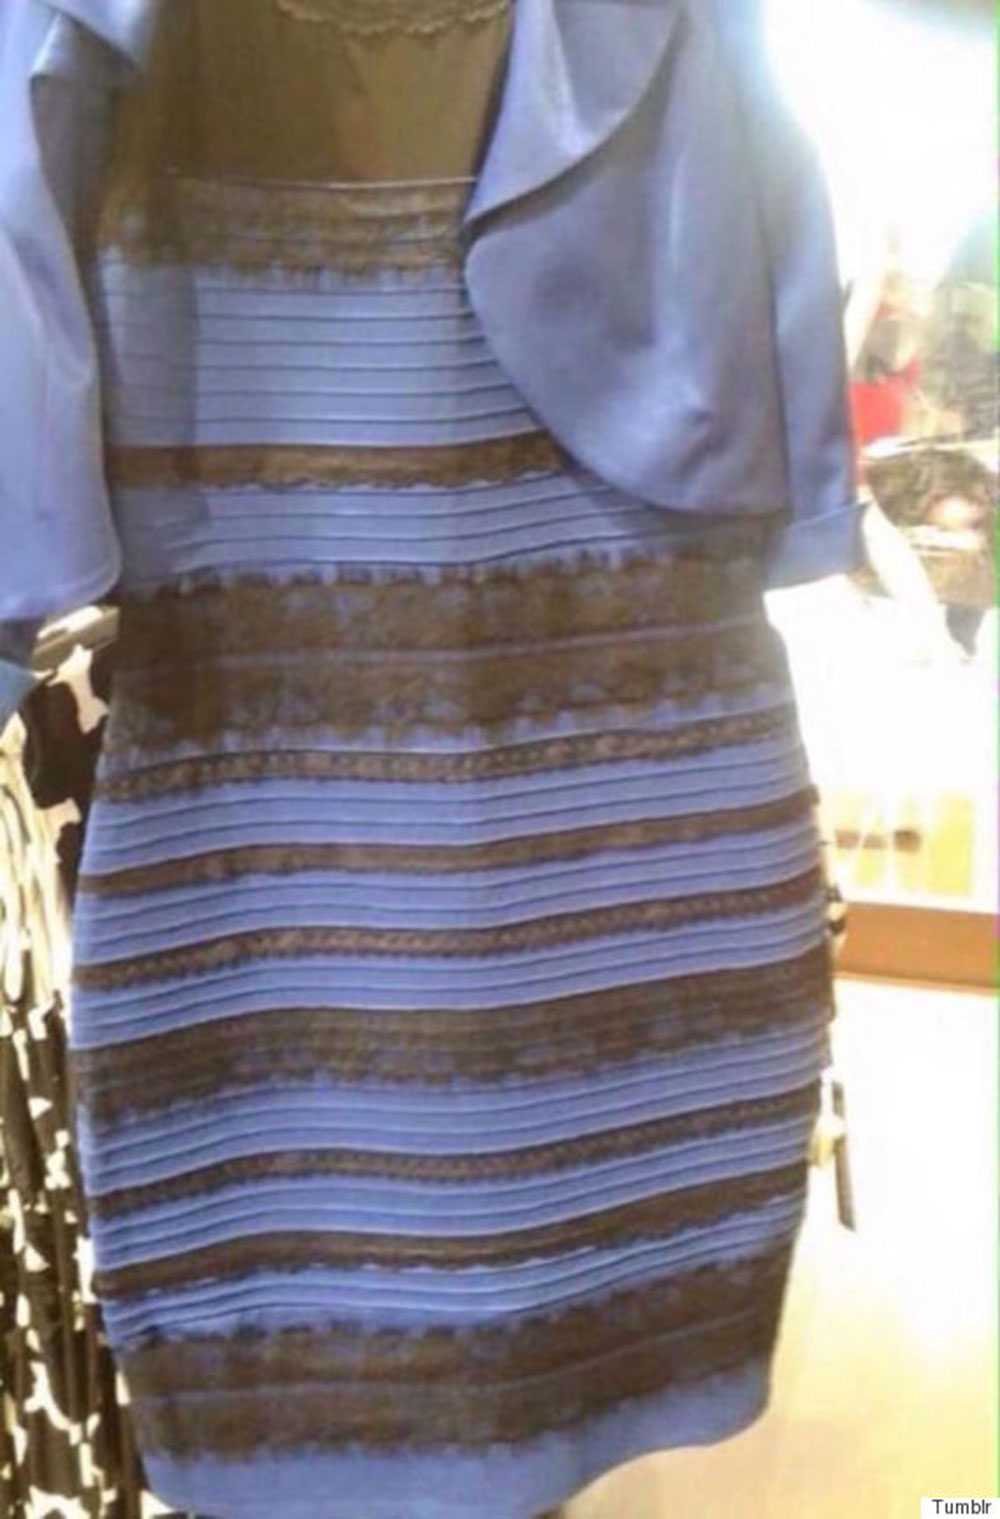 3c4470a9d152 Vilken färg har klänningen? | Aftonbladet